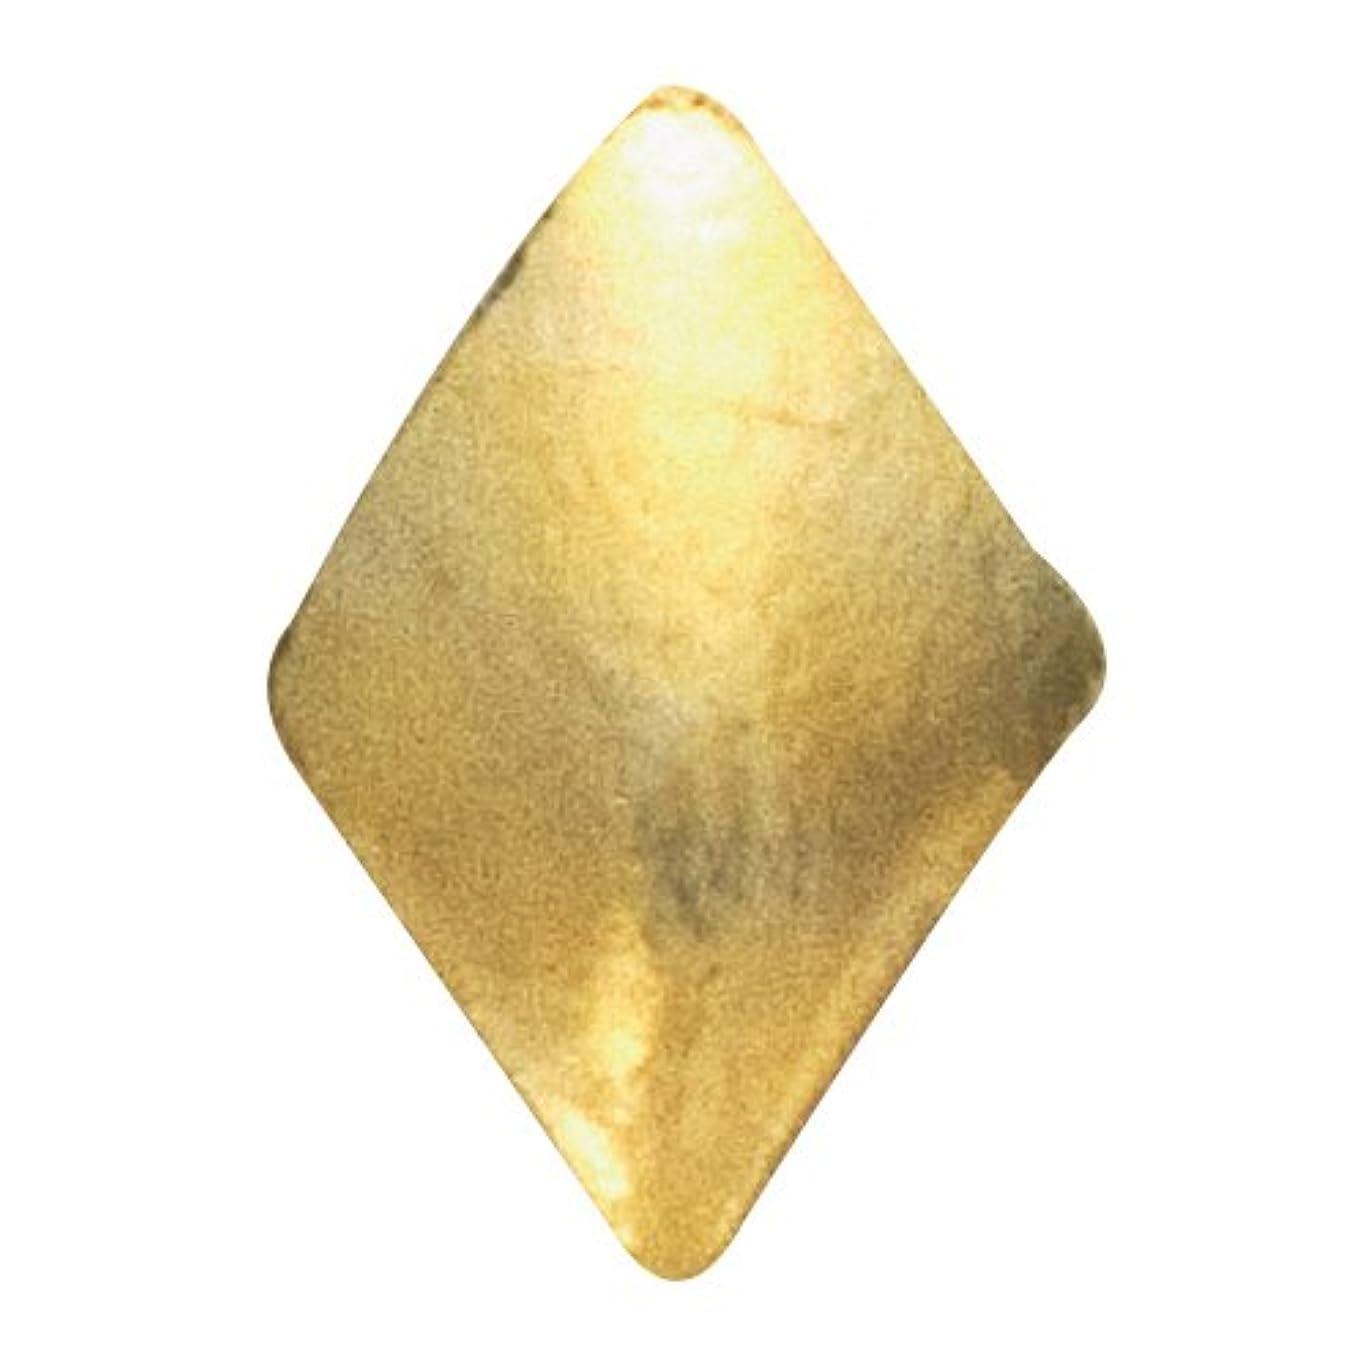 タオル自己神経リトルプリティー ネイルアートパーツ スタッズダイヤ 2×3mm ゴールド 50個